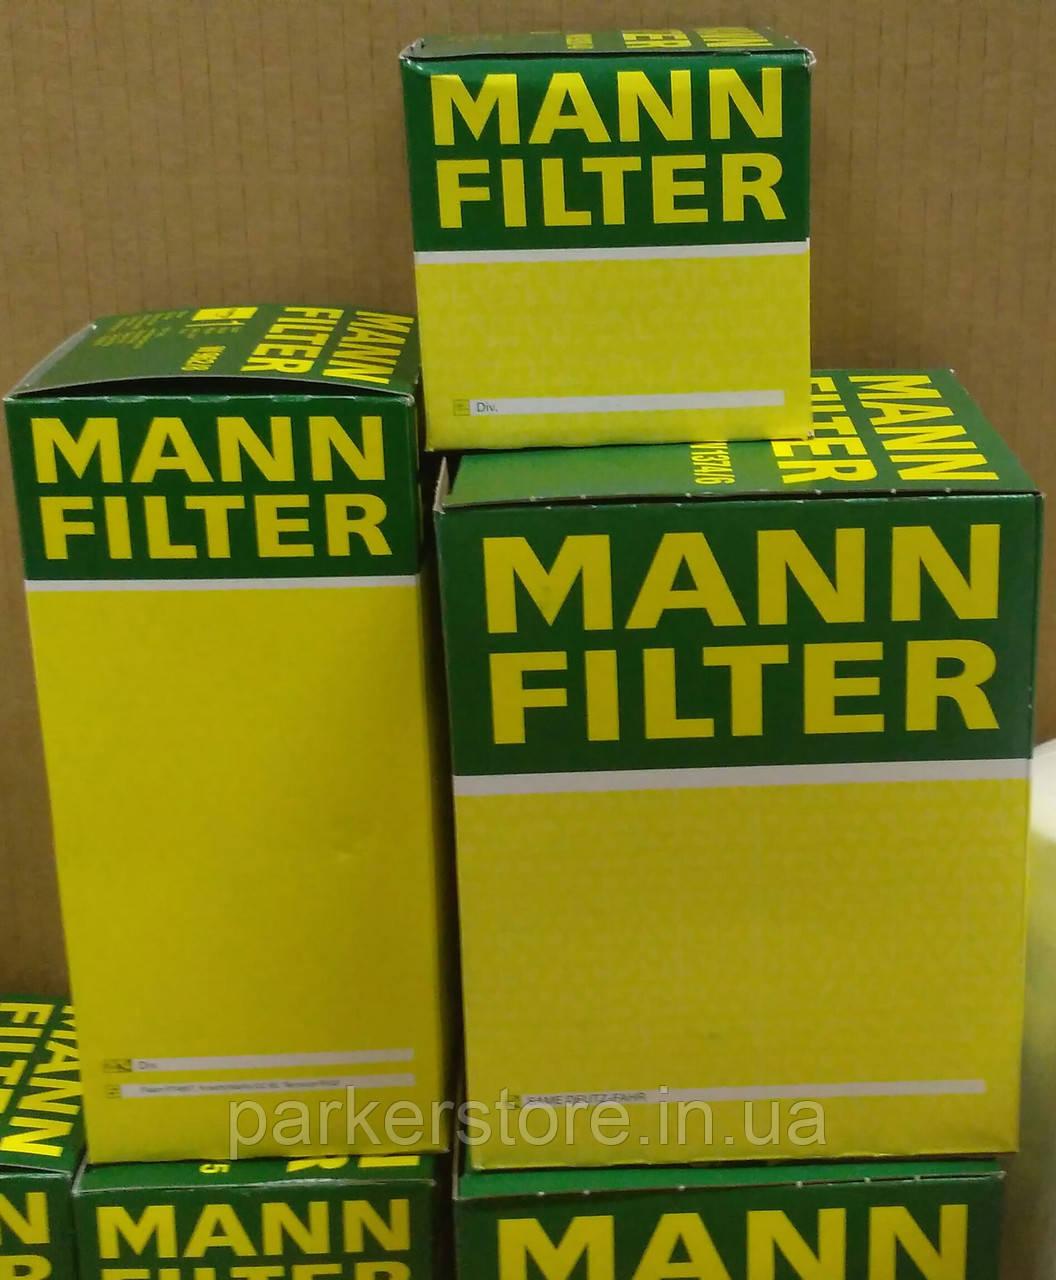 MANN FILTER / Повітряний фільтр / C 2534 / C2534